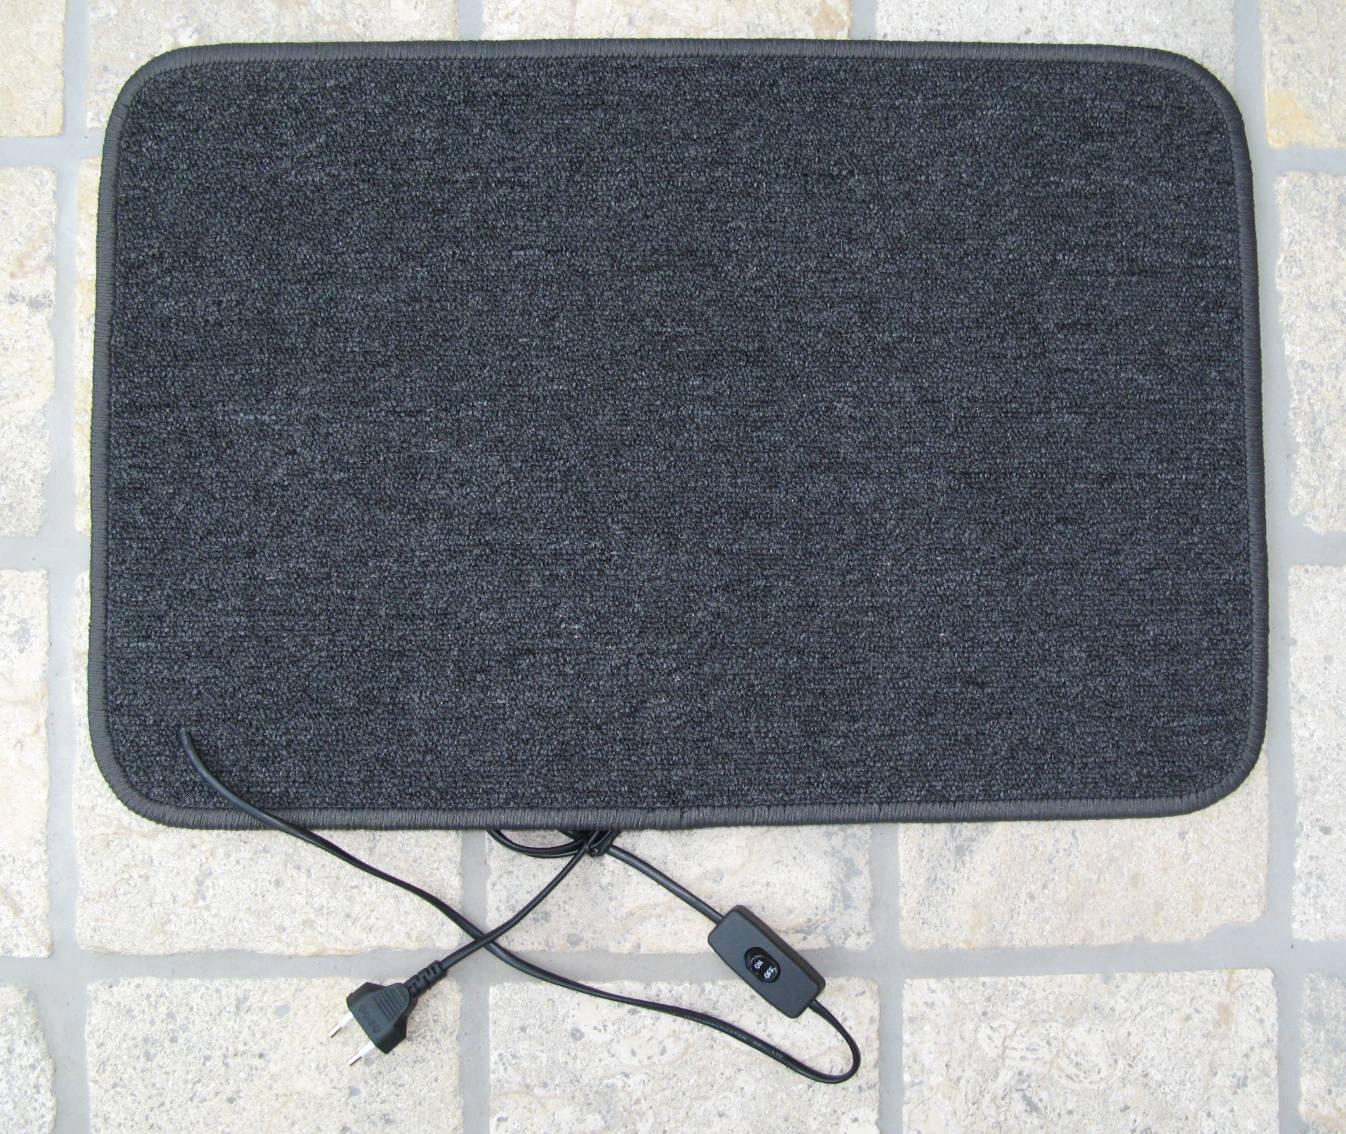 elektrischer heizteppich teppichheizung elektrische heizbare trppichunterlage heizunterlage. Black Bedroom Furniture Sets. Home Design Ideas